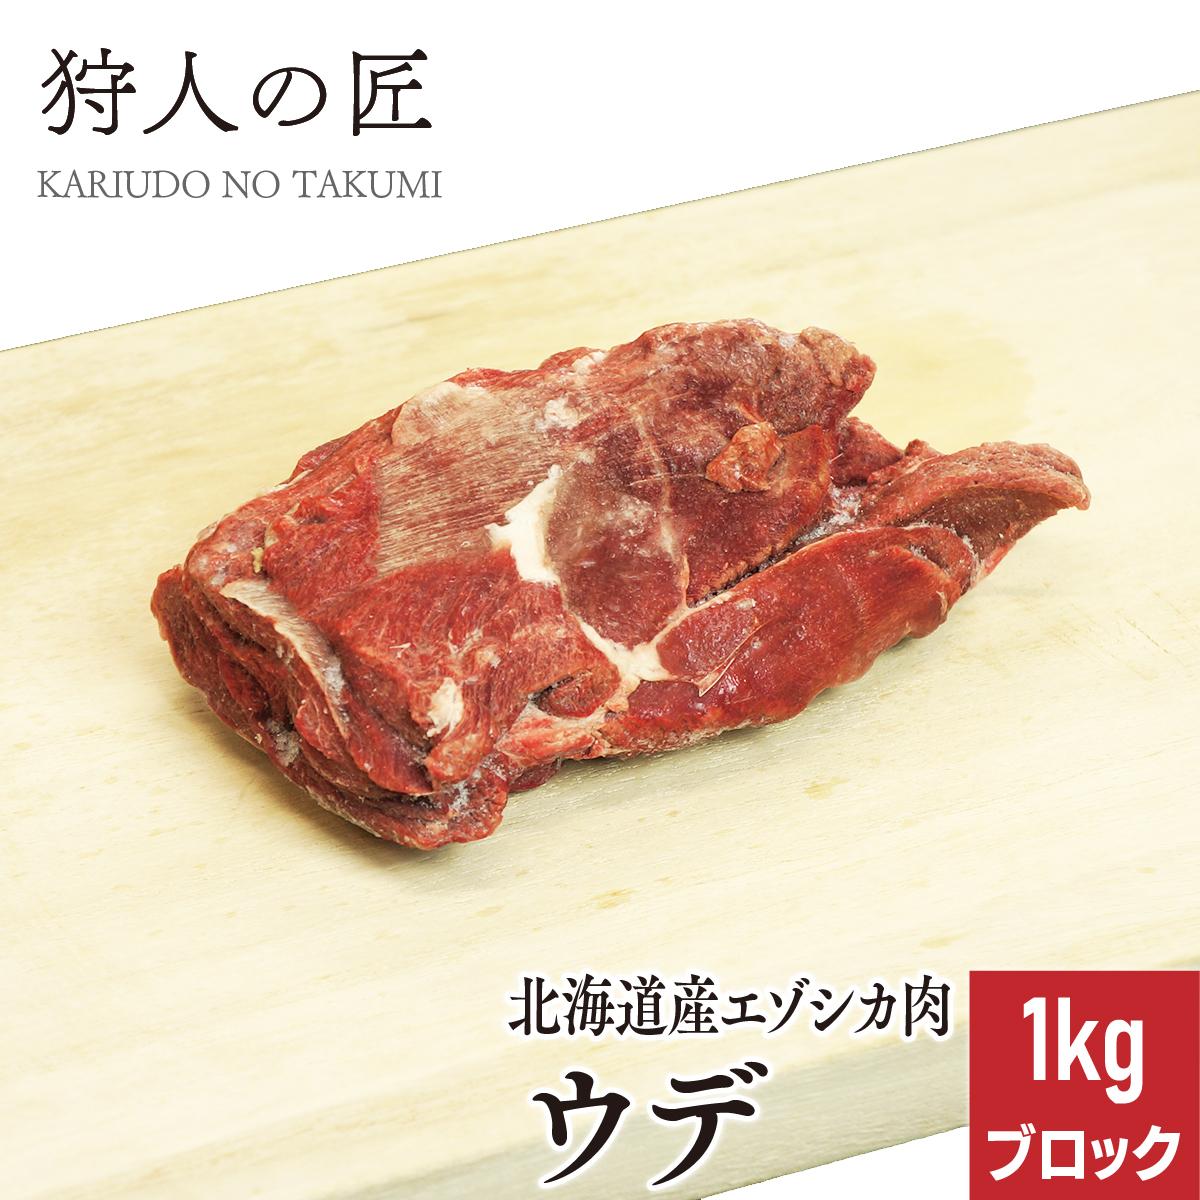 弾力があるので煮込み料理に適しています♪ 【北海道稚内産】エゾ鹿肉 ウデ肉 1kg (ブロック)【無添加】【エゾシカ肉/蝦夷鹿肉/えぞしか肉/ジビエ】